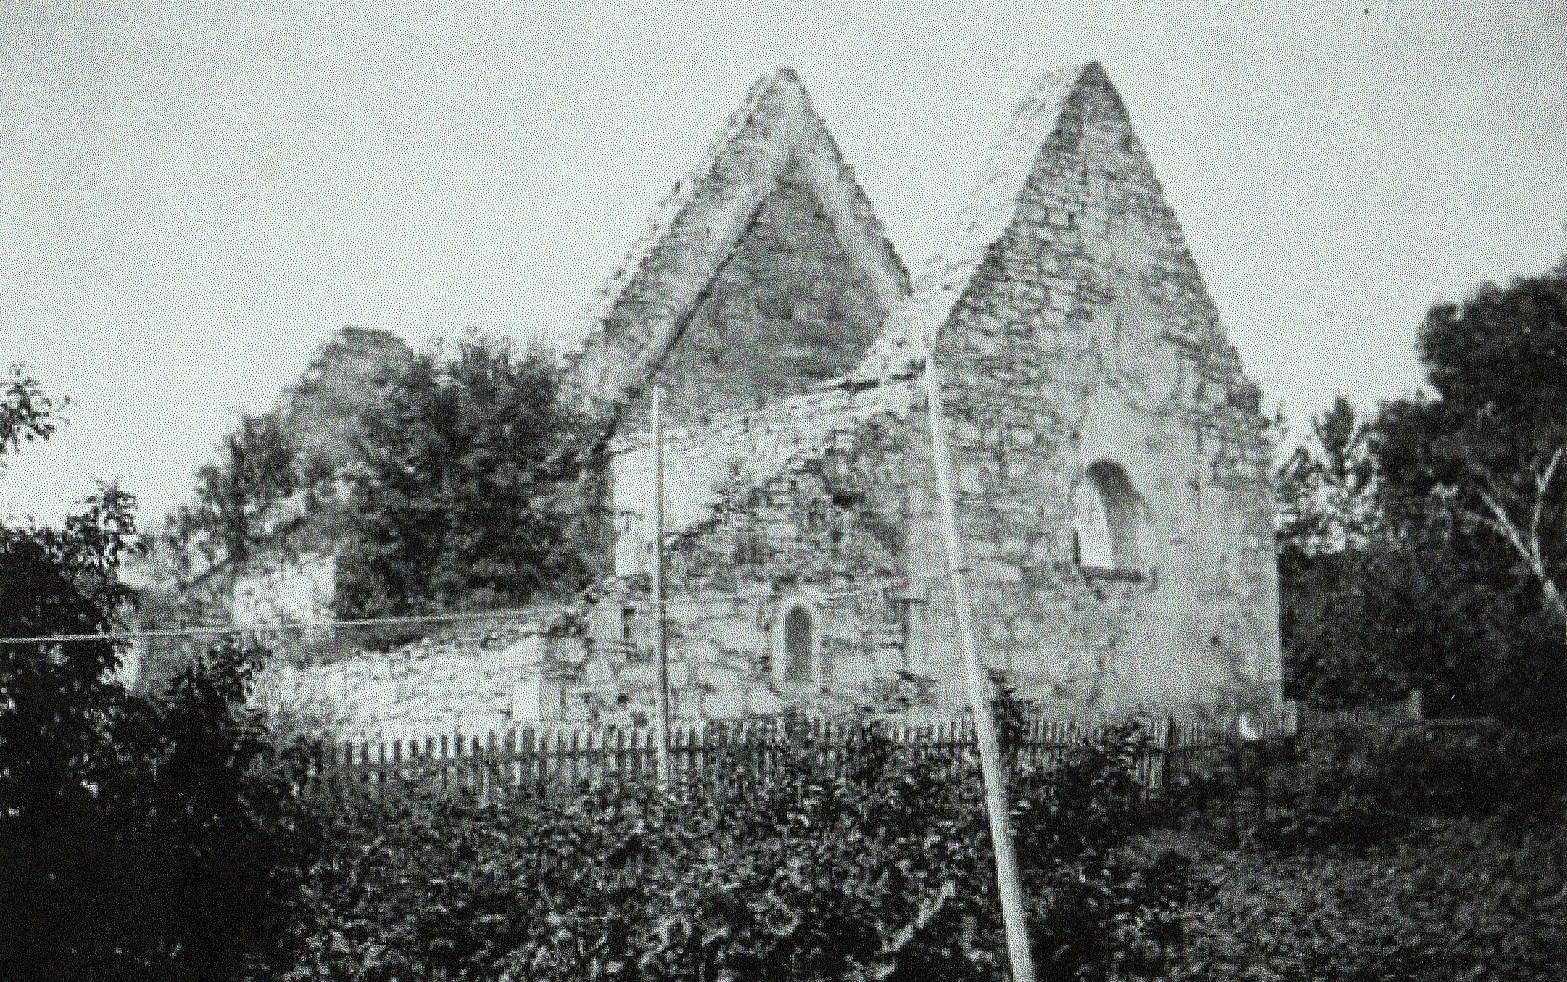 I 1871 fekk Inderøy ny kyrkje. Da vart alt treverk revet og solgt. Ruinane av kyrkja såg slik ut som på bildet frå 1905.